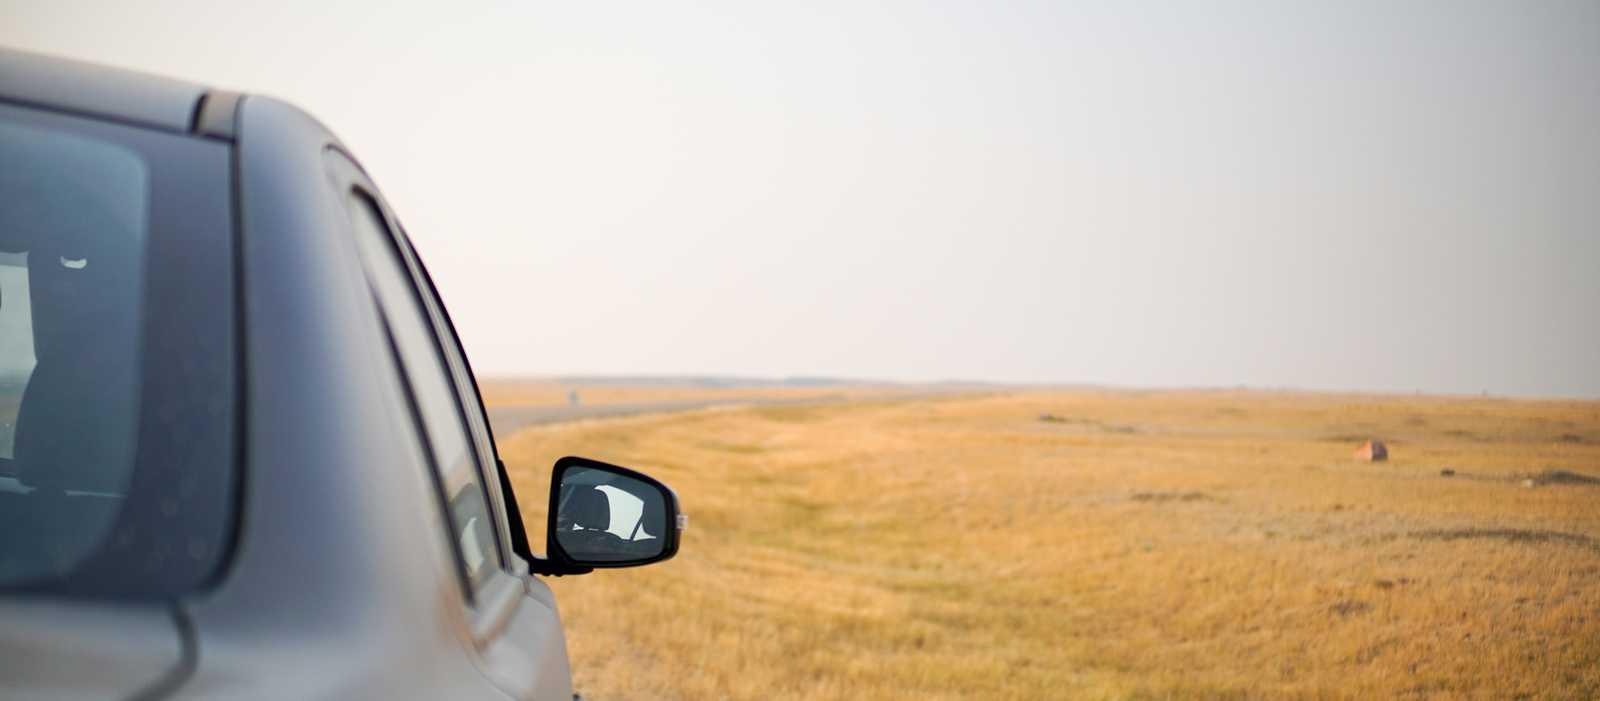 Mit dem Auto durch den Grasslands Nationalpark in Saskatchewan